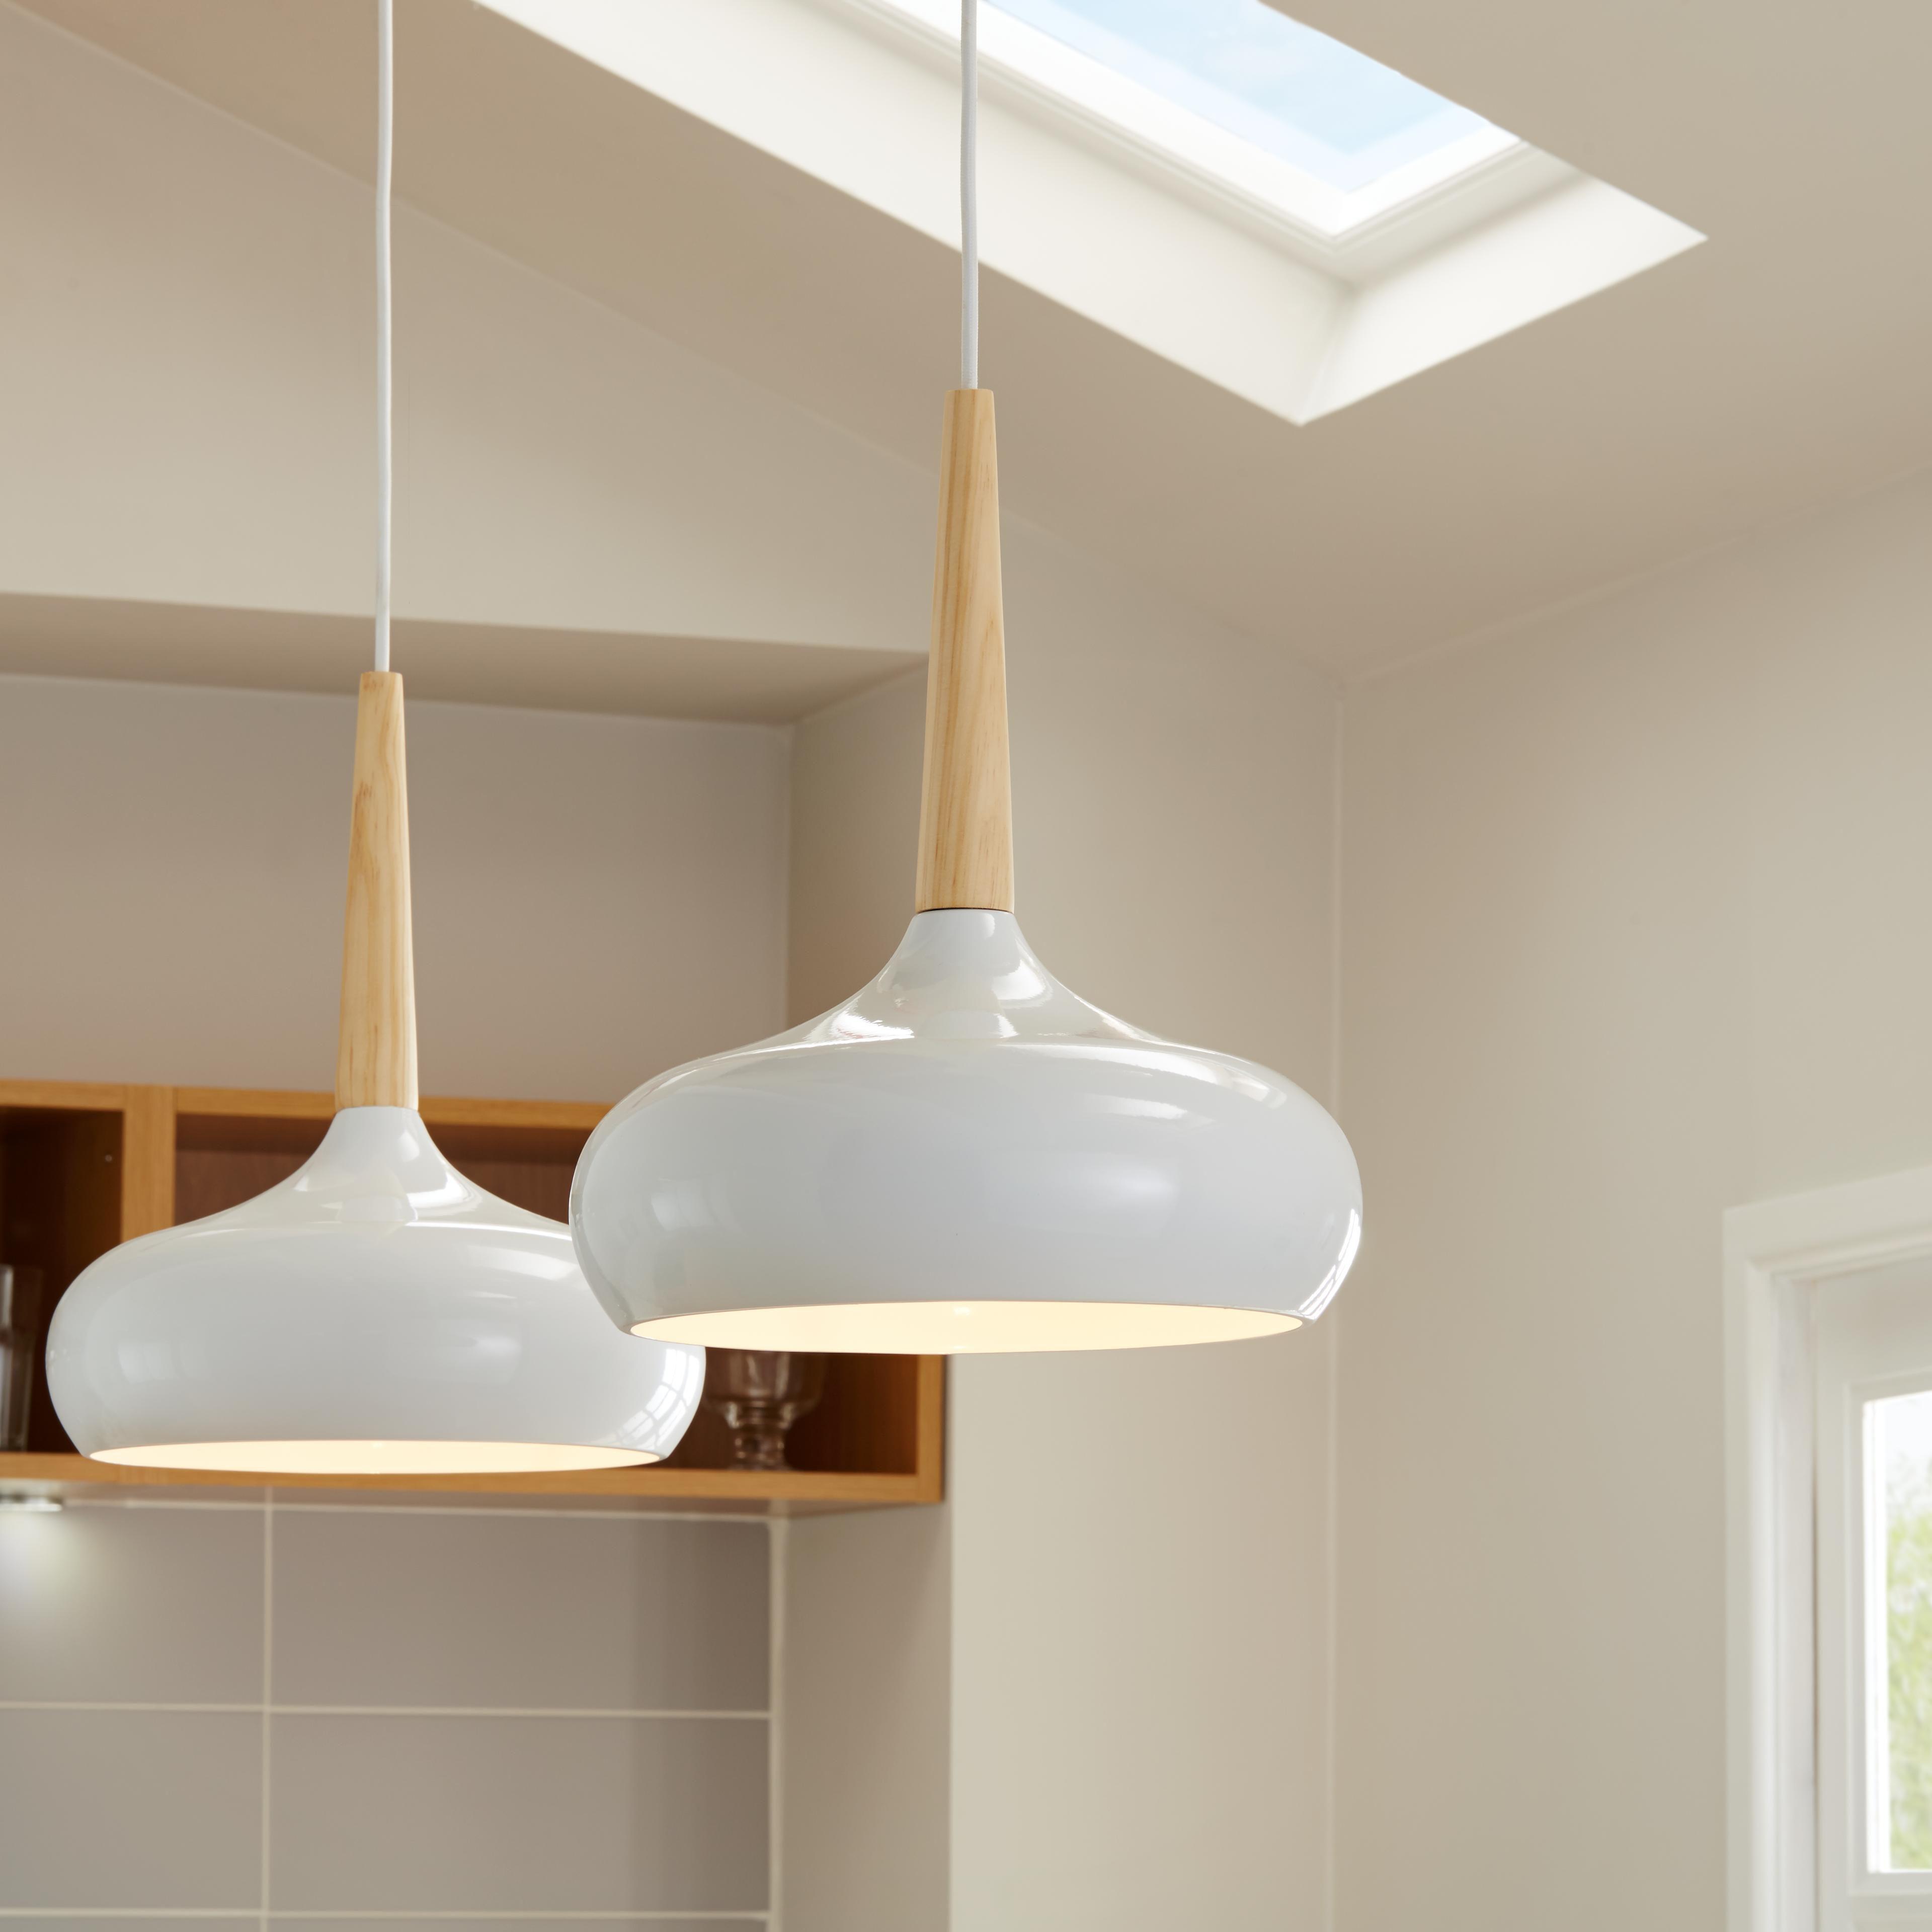 Kitchen Spot Lights Urban Home Interior Light Wiring Diagram Ceiling Spotlights Rh Diy Com Lighting